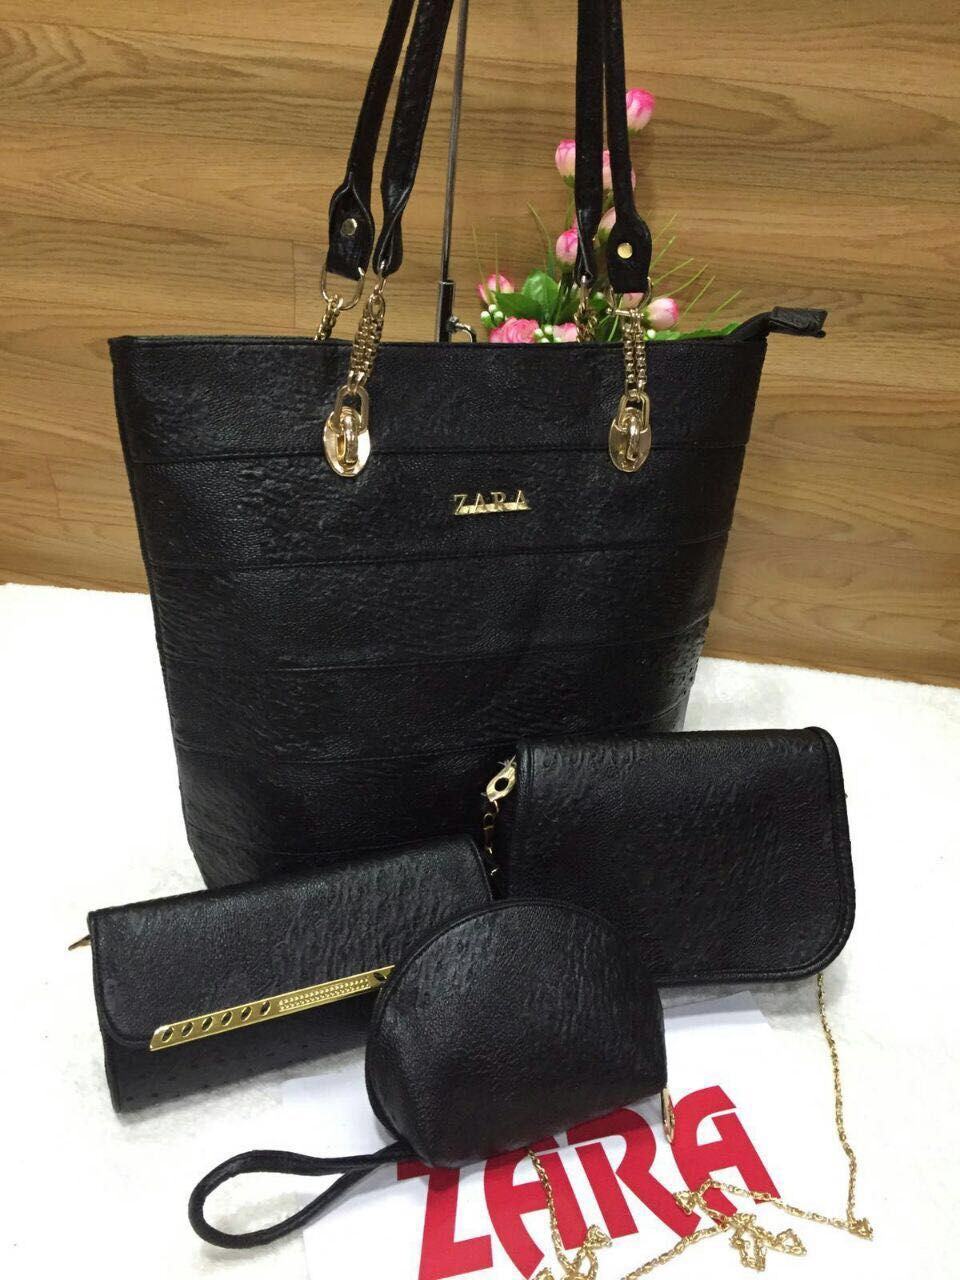 d4df58515ae6 Zara Bags